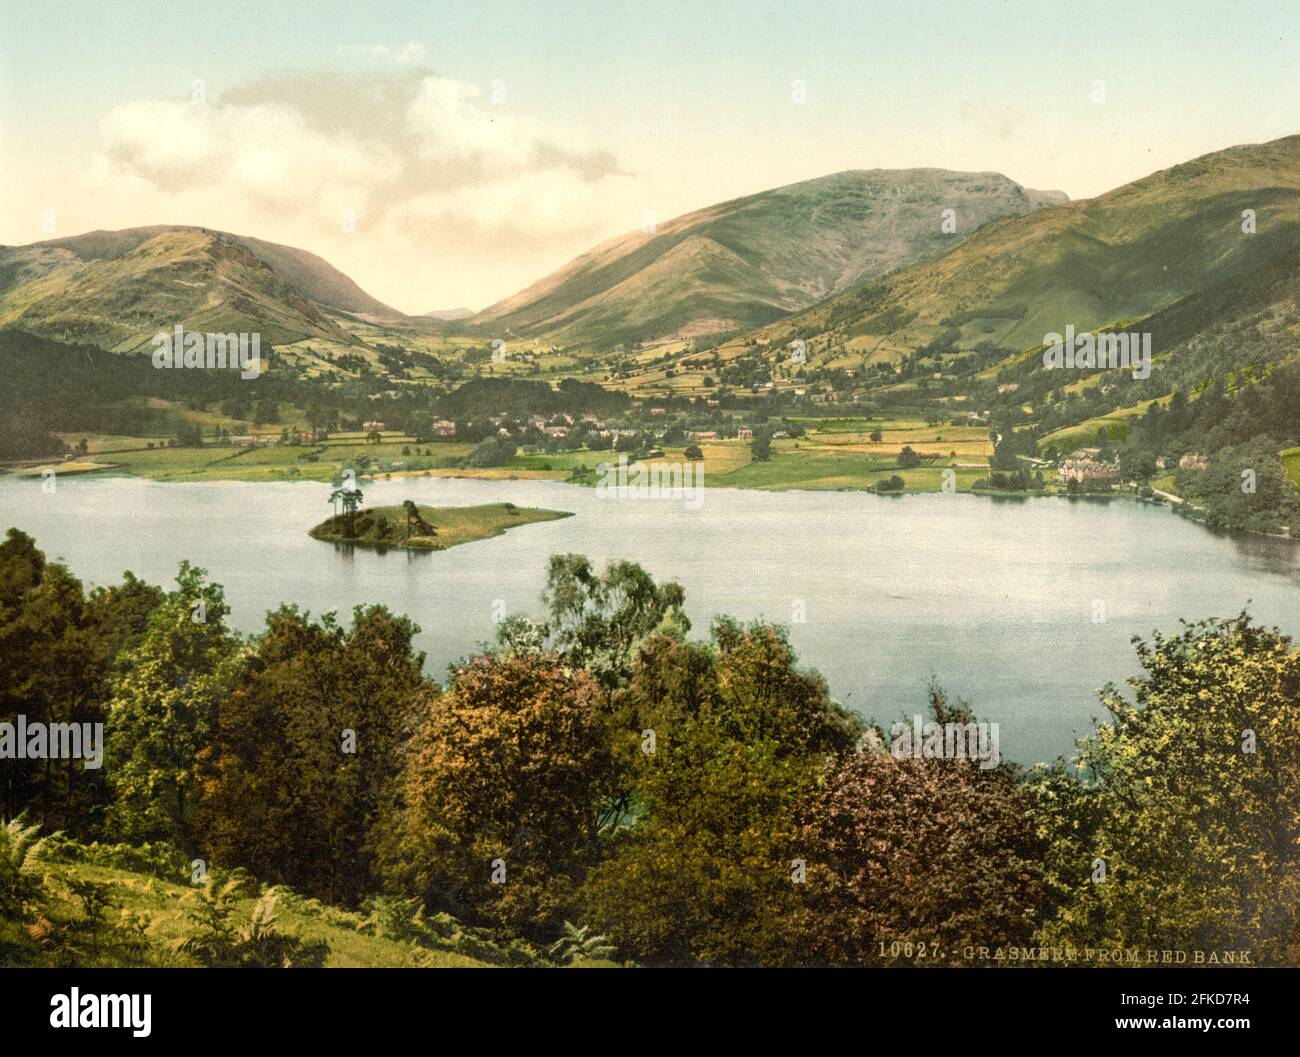 Grasmere in The Lake District, Cumbria circa 1890-1900 Stock Photo